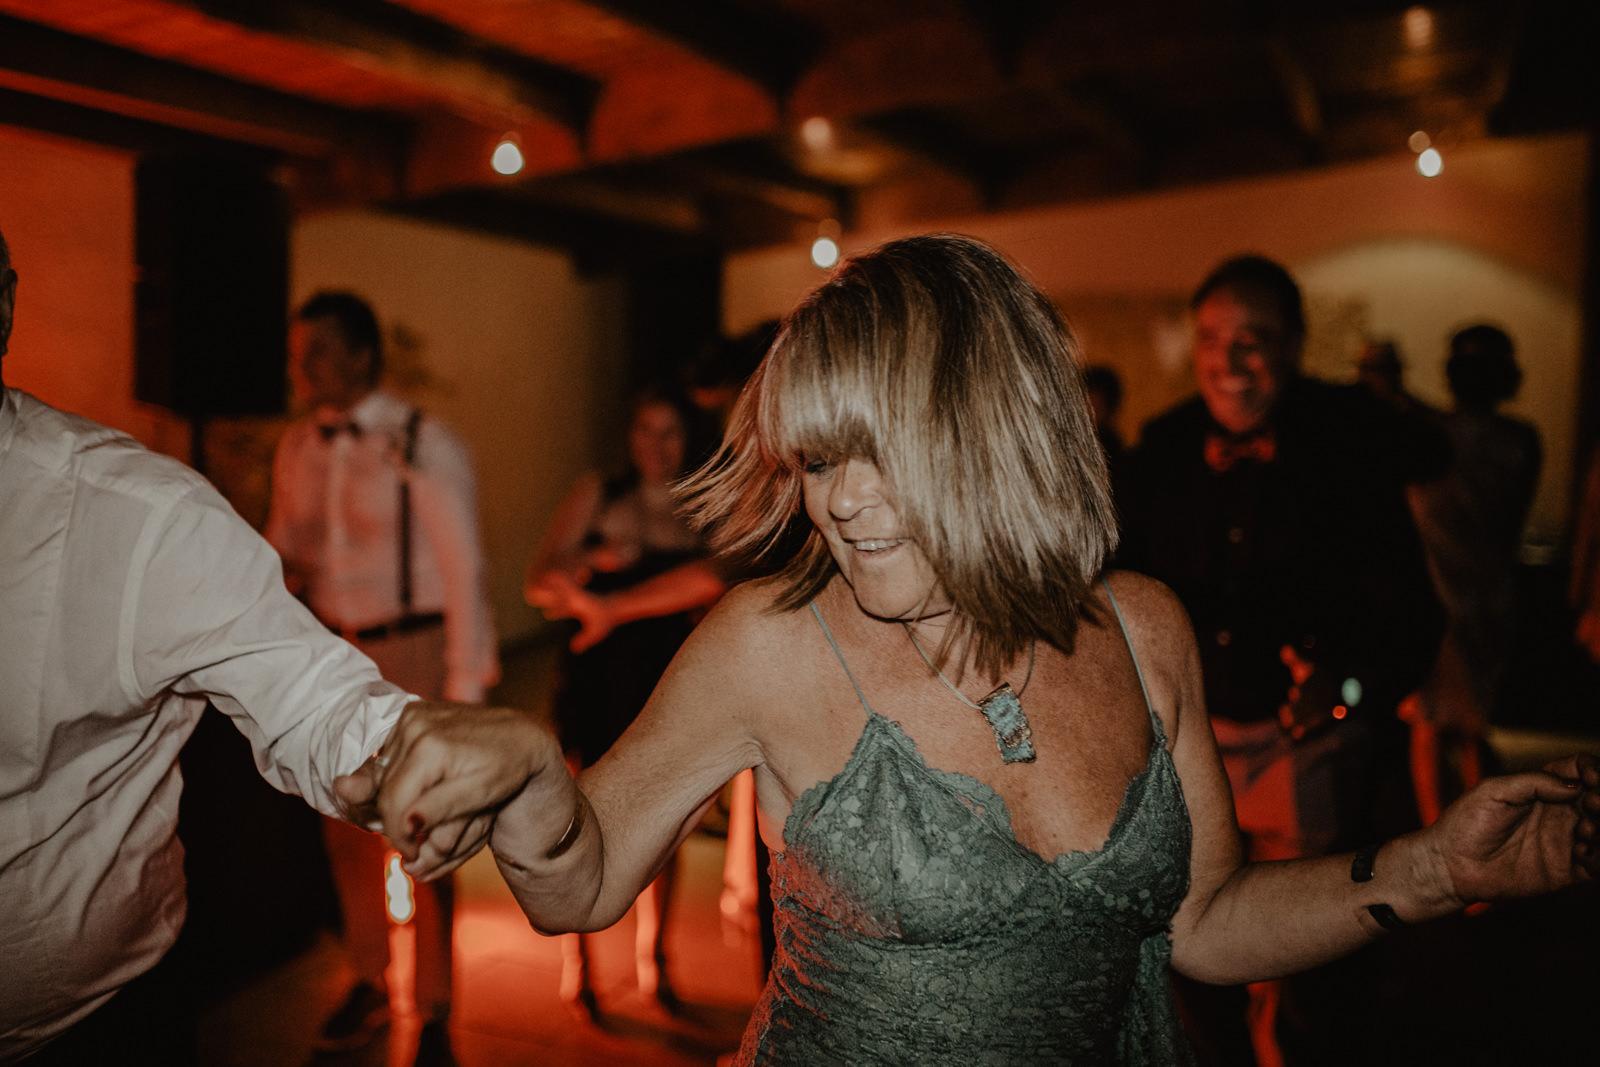 thenortherngirlphotography_photography_thenortherngirl_rebeccascabros_wedding_weddingphotography_weddingphotographer_barcelona_bodaenlabaronia_labaronia_japanesewedding_destinationwedding_shokoalbert-1012.jpg